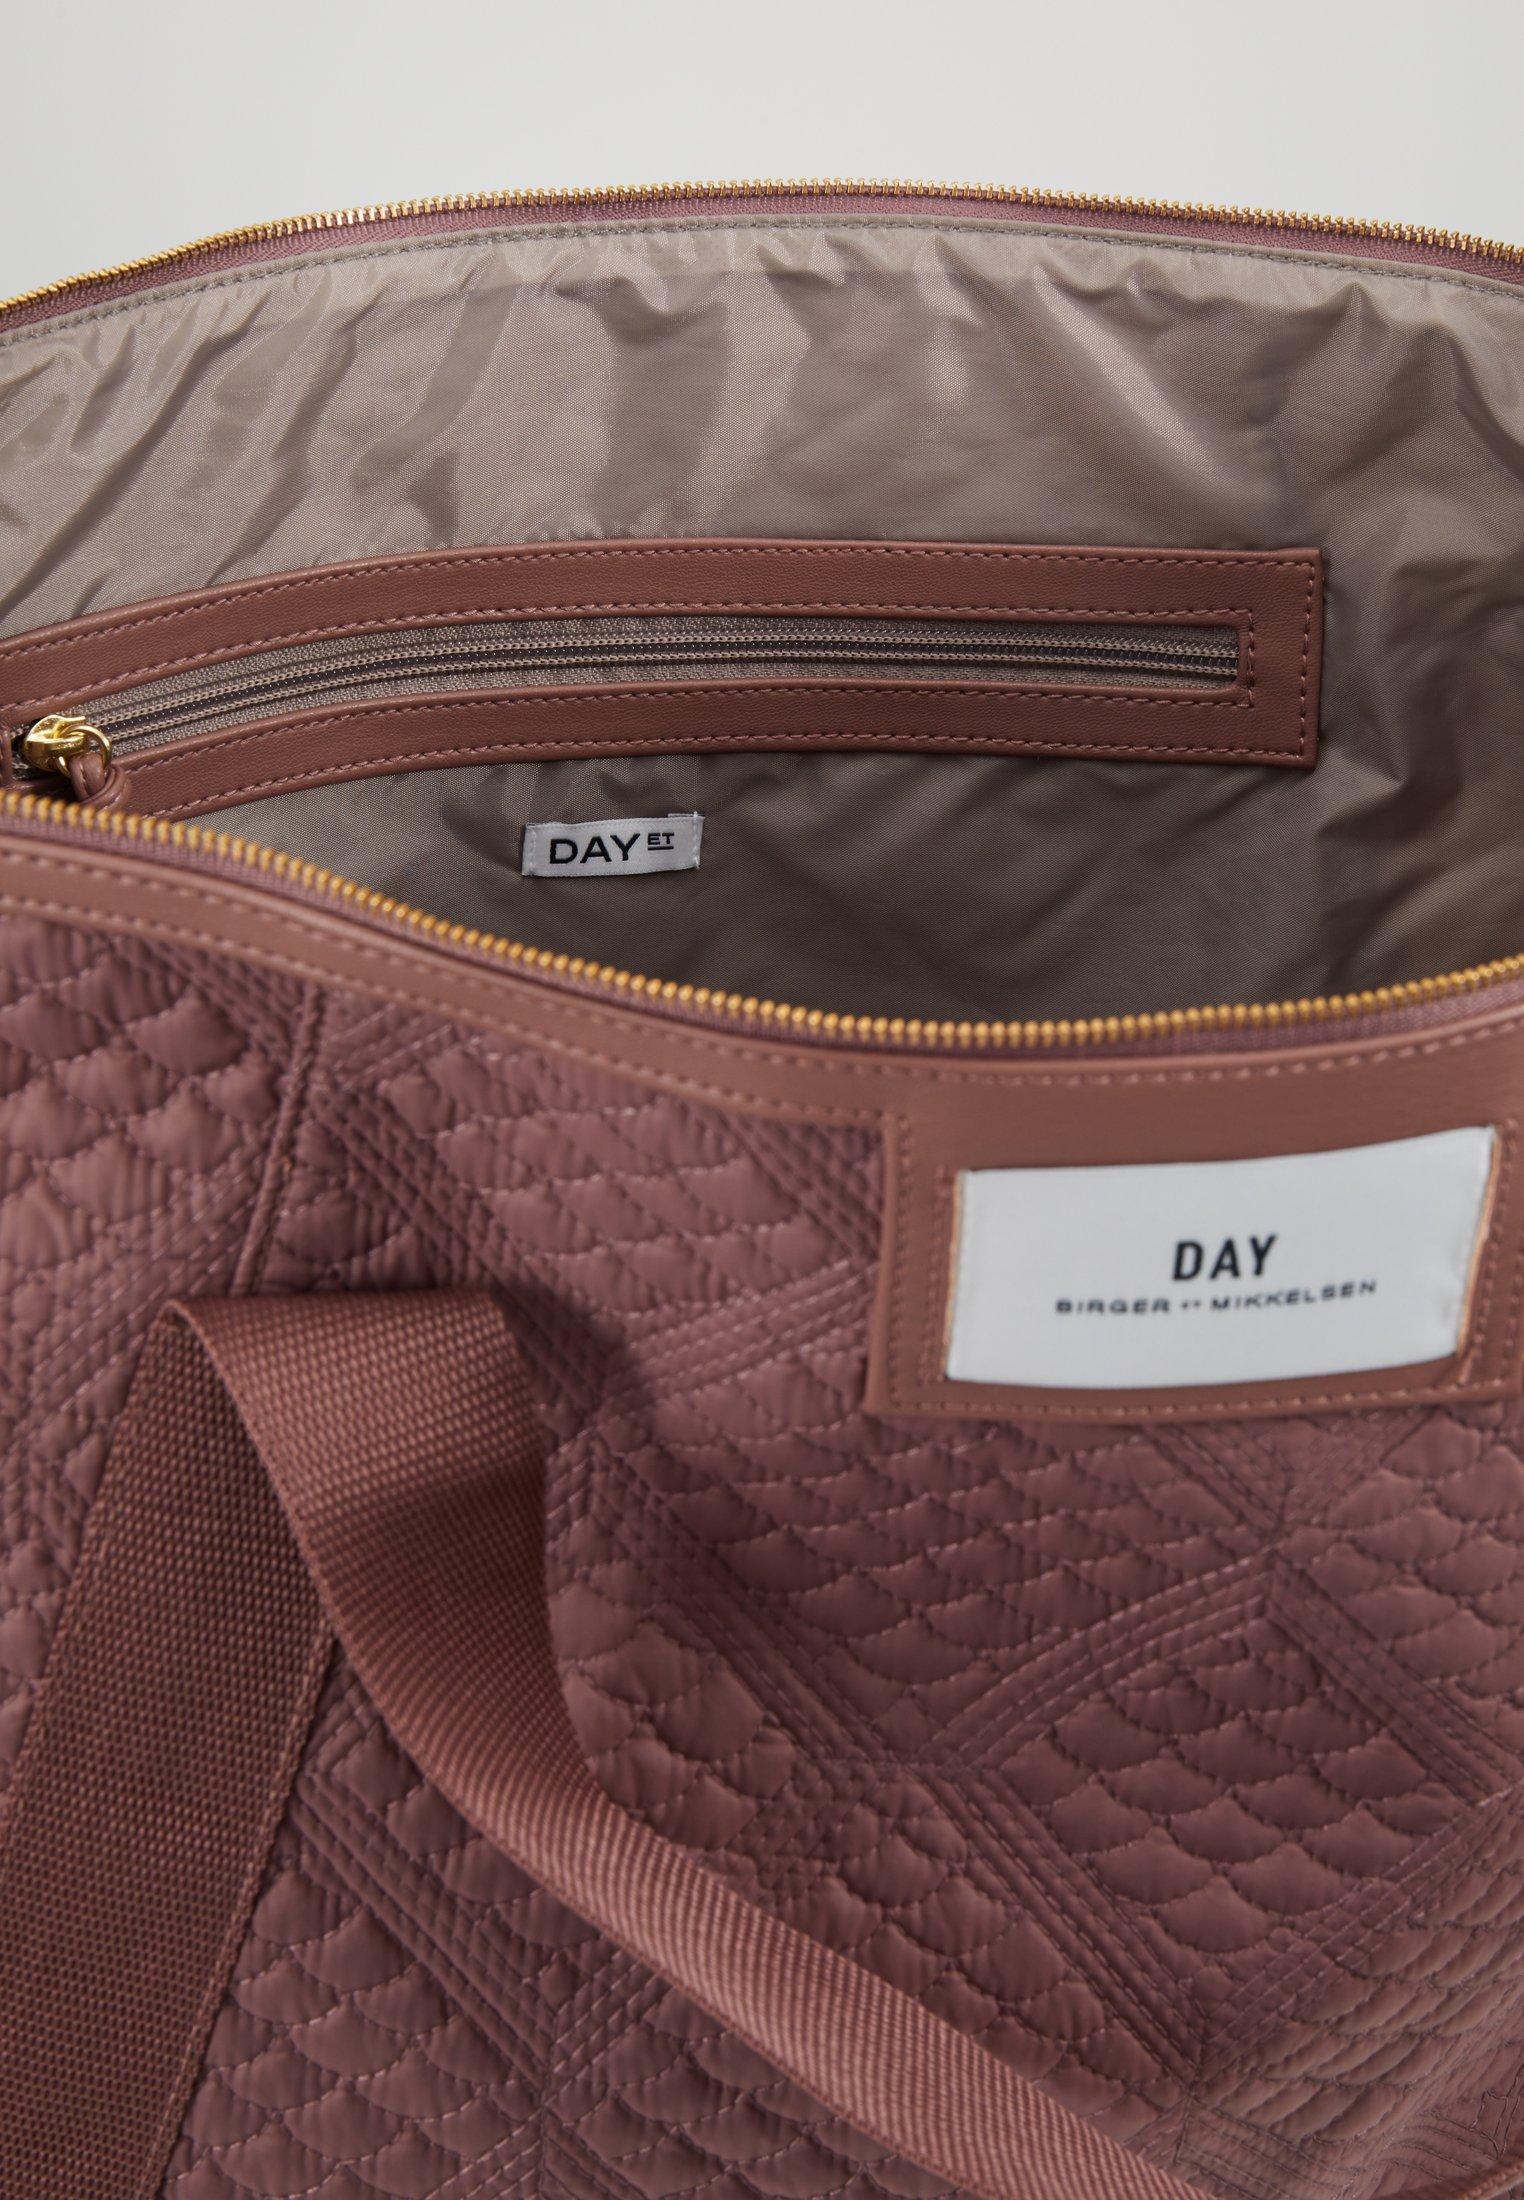 DAY Birger et Mikkelsen GWENETH TOPAZ CROSS Shoppingveske